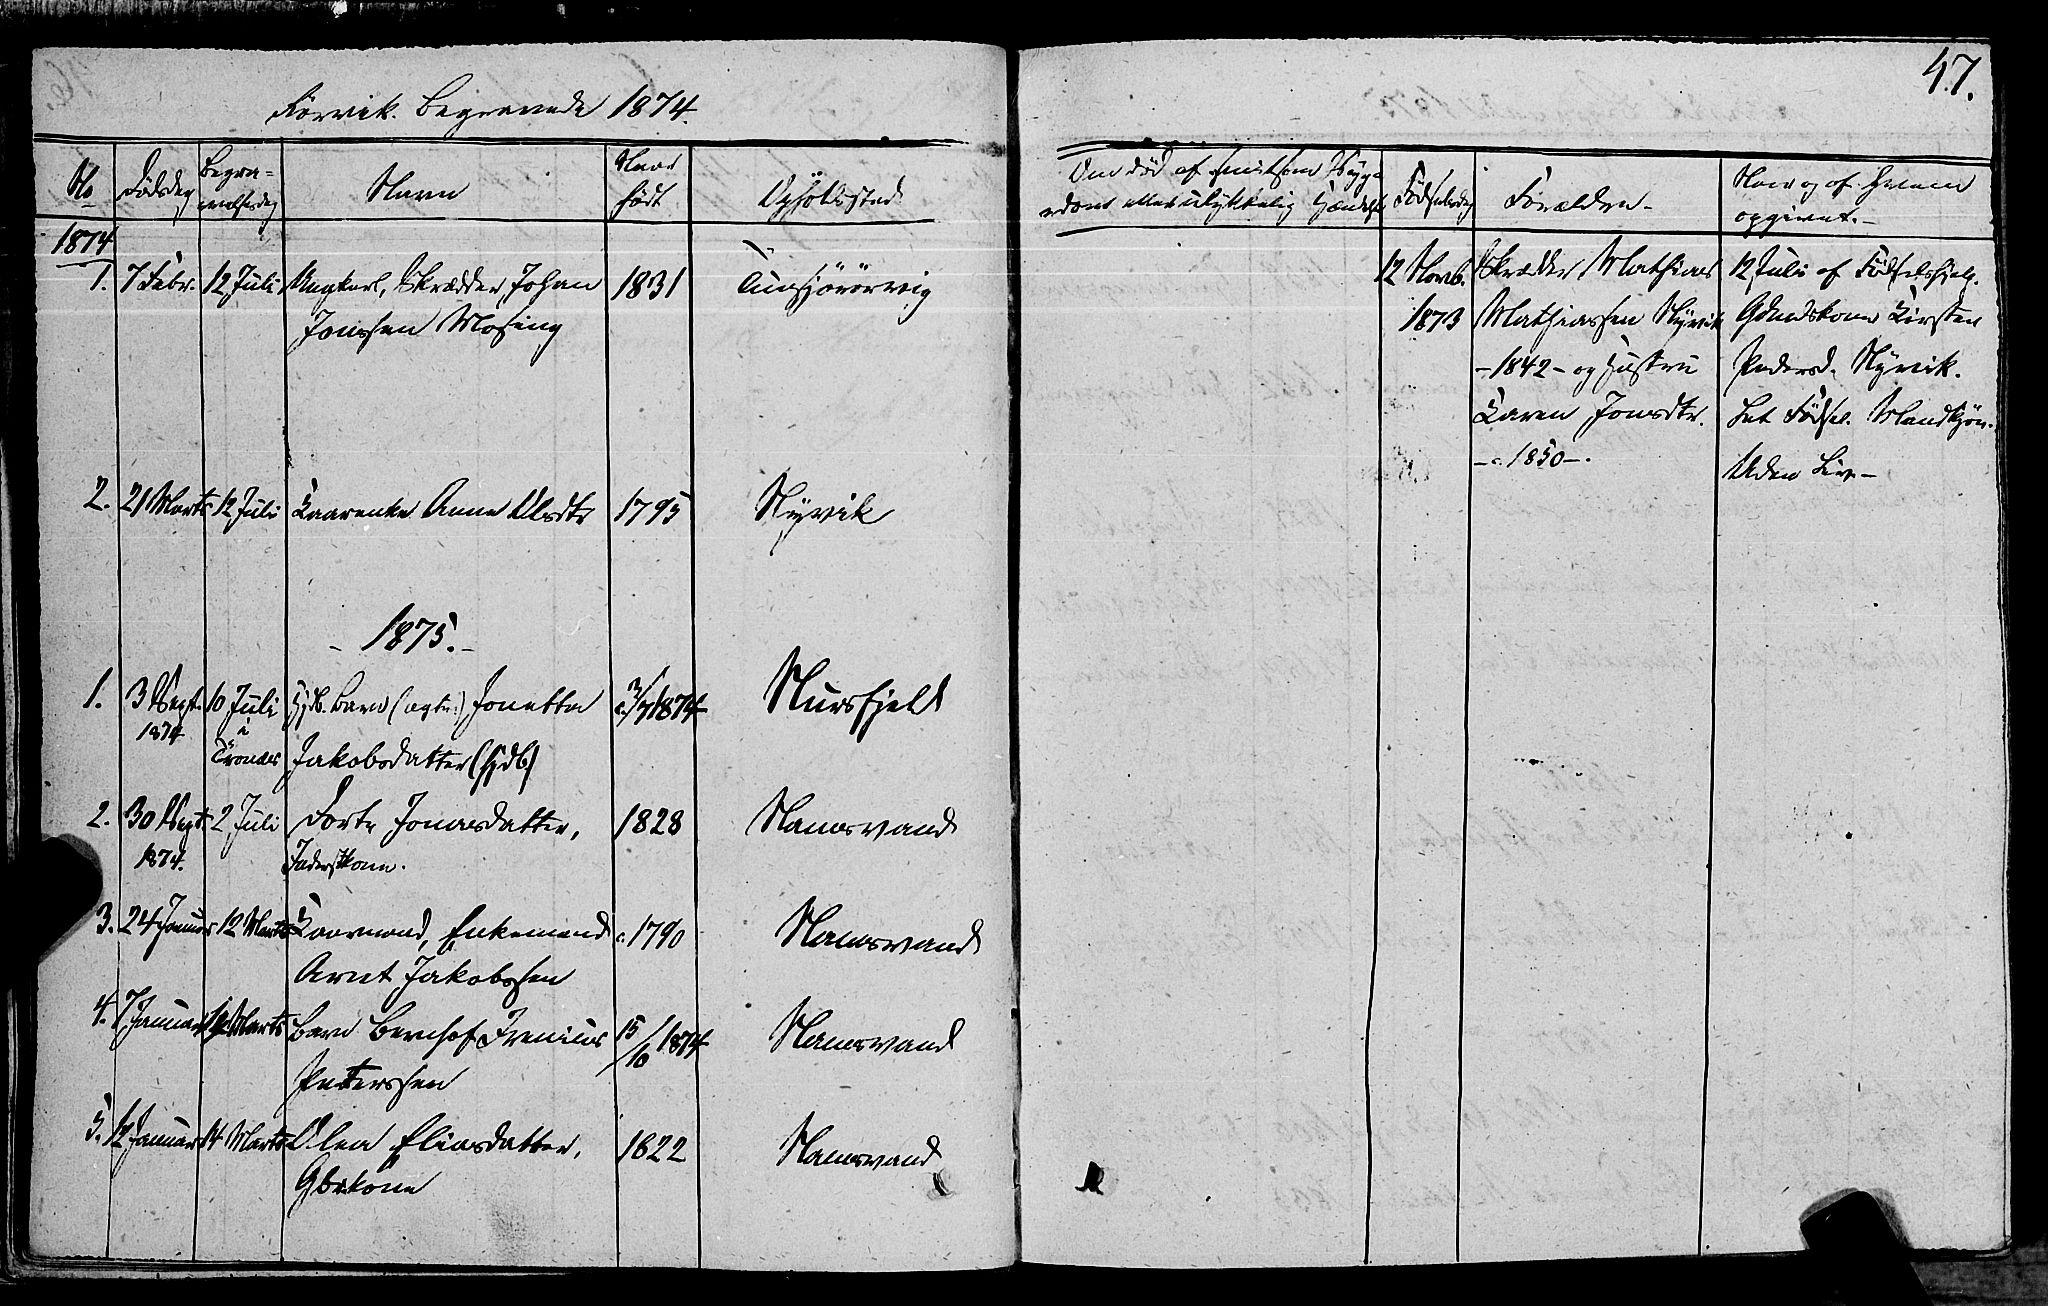 SAT, Ministerialprotokoller, klokkerbøker og fødselsregistre - Nord-Trøndelag, 762/L0538: Ministerialbok nr. 762A02 /1, 1833-1879, s. 47